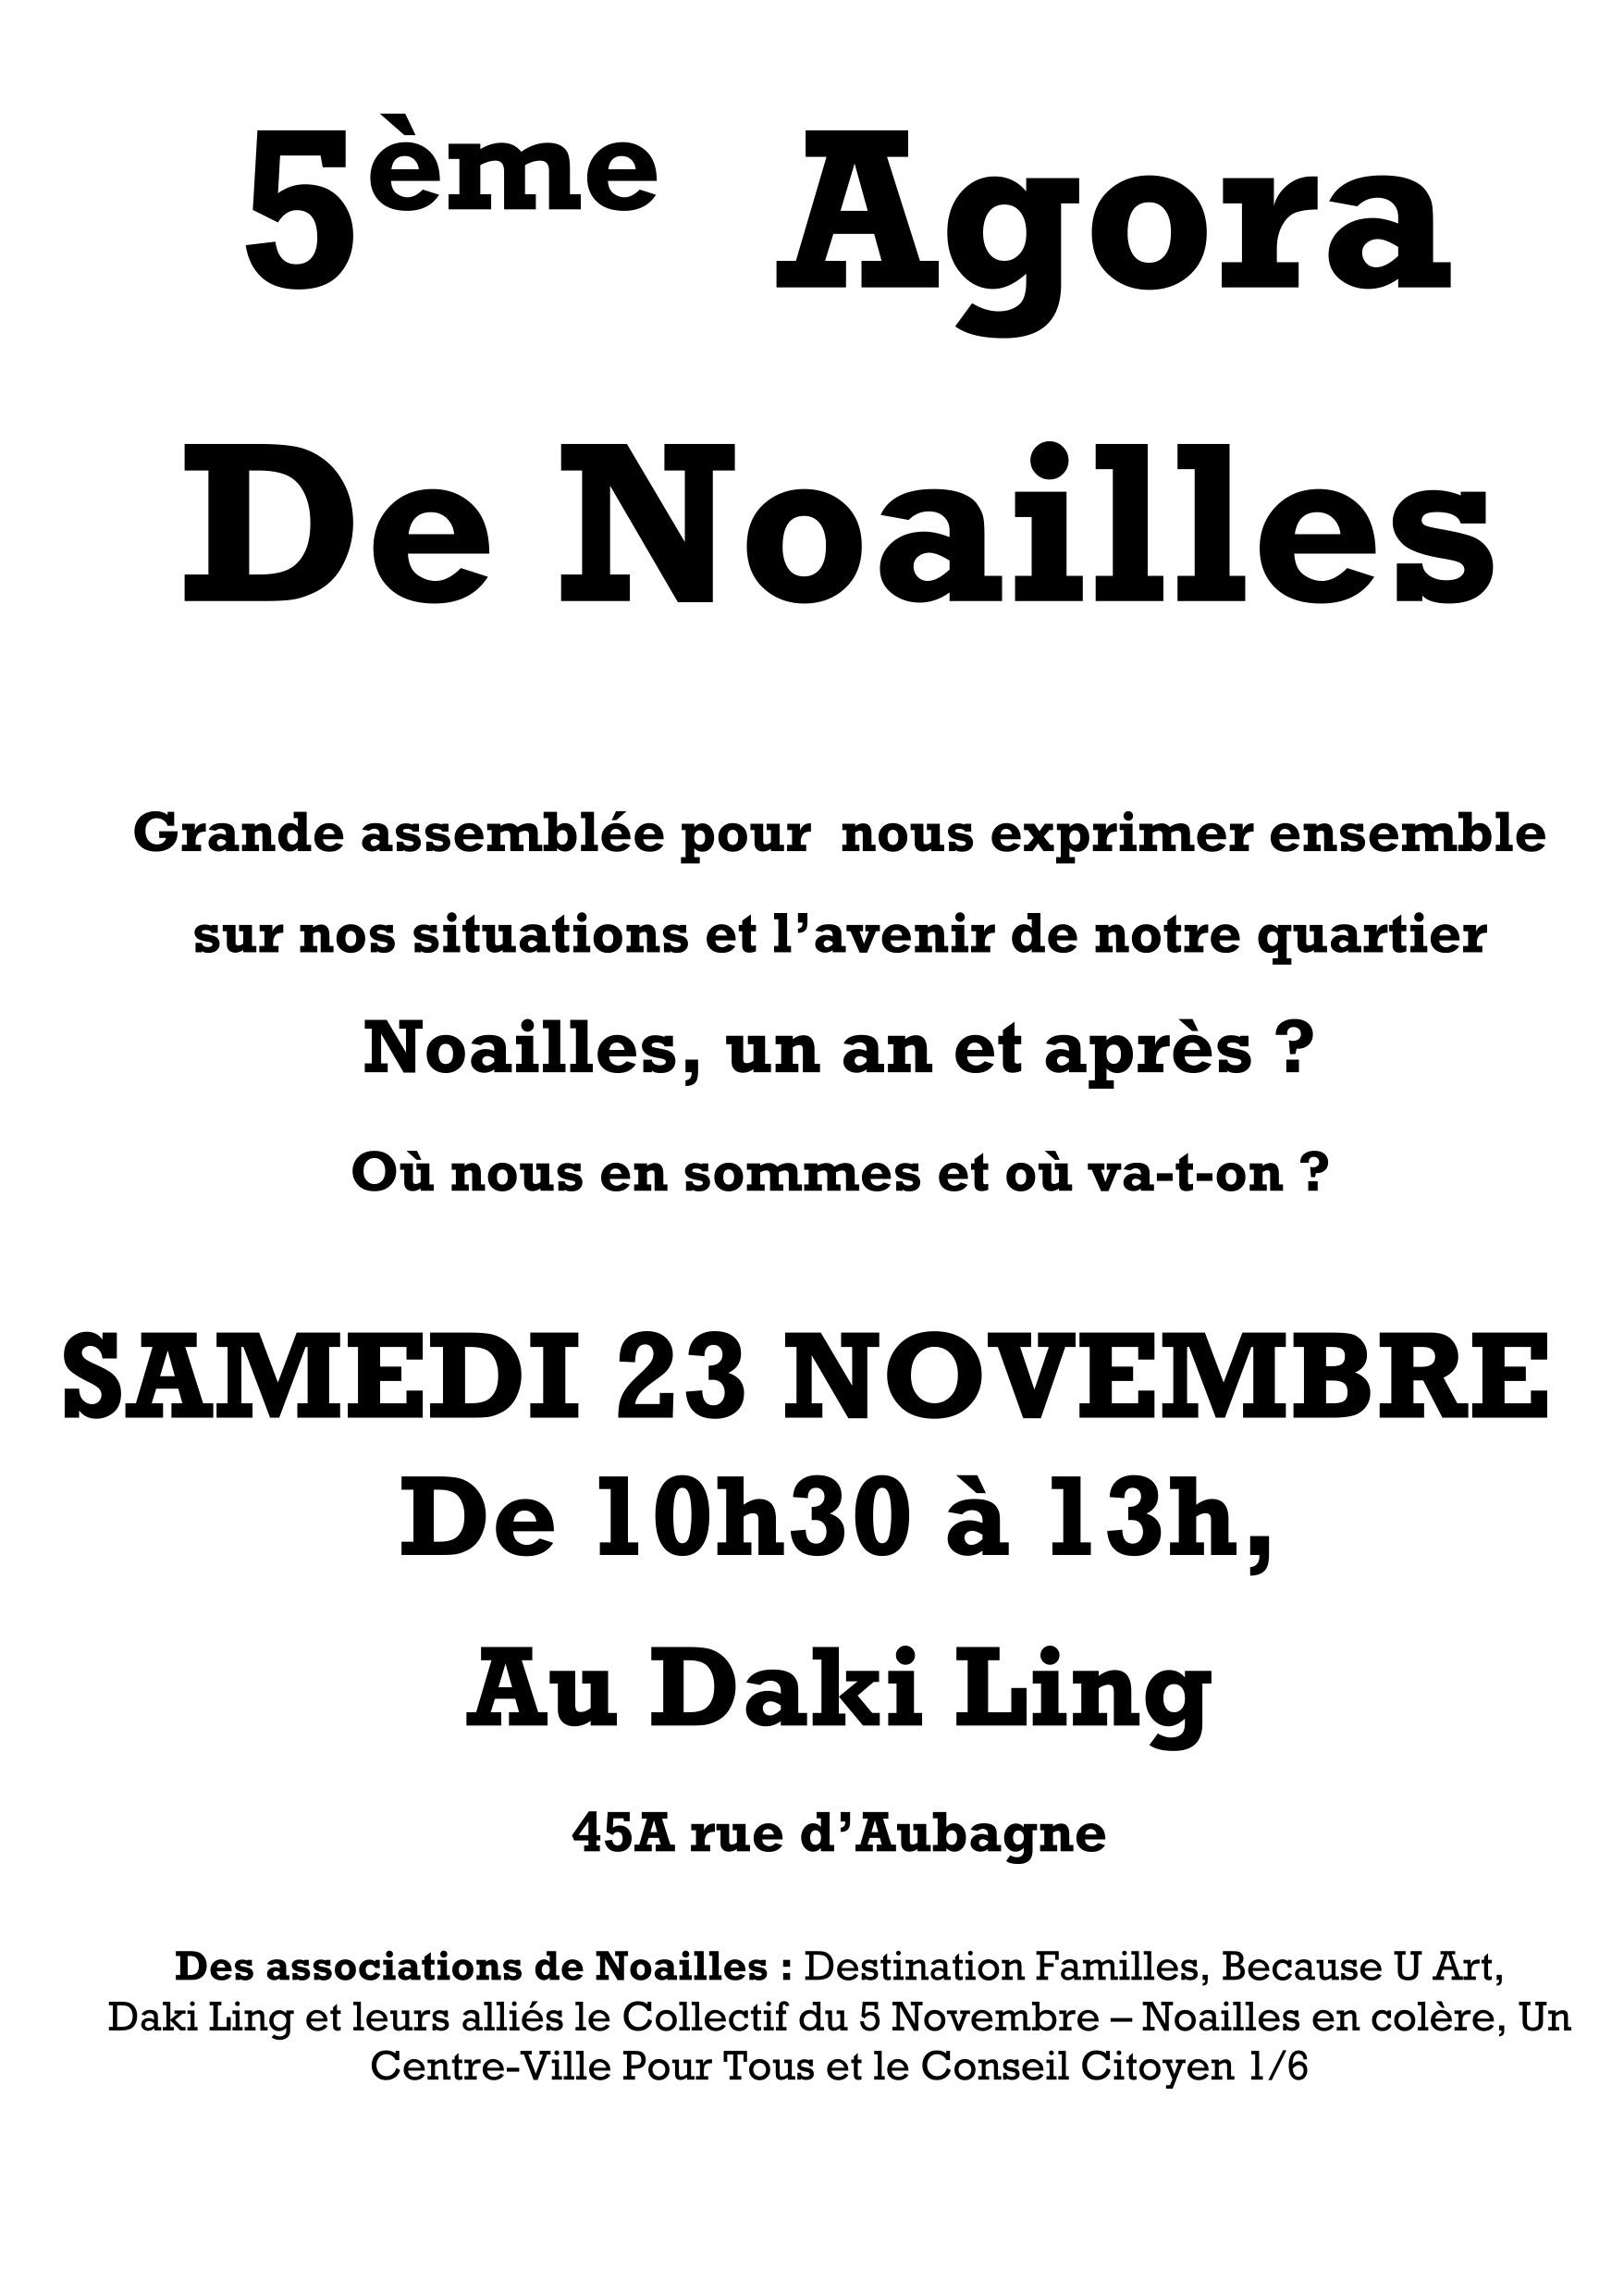 5e Agora de Noailles 23 nov 19